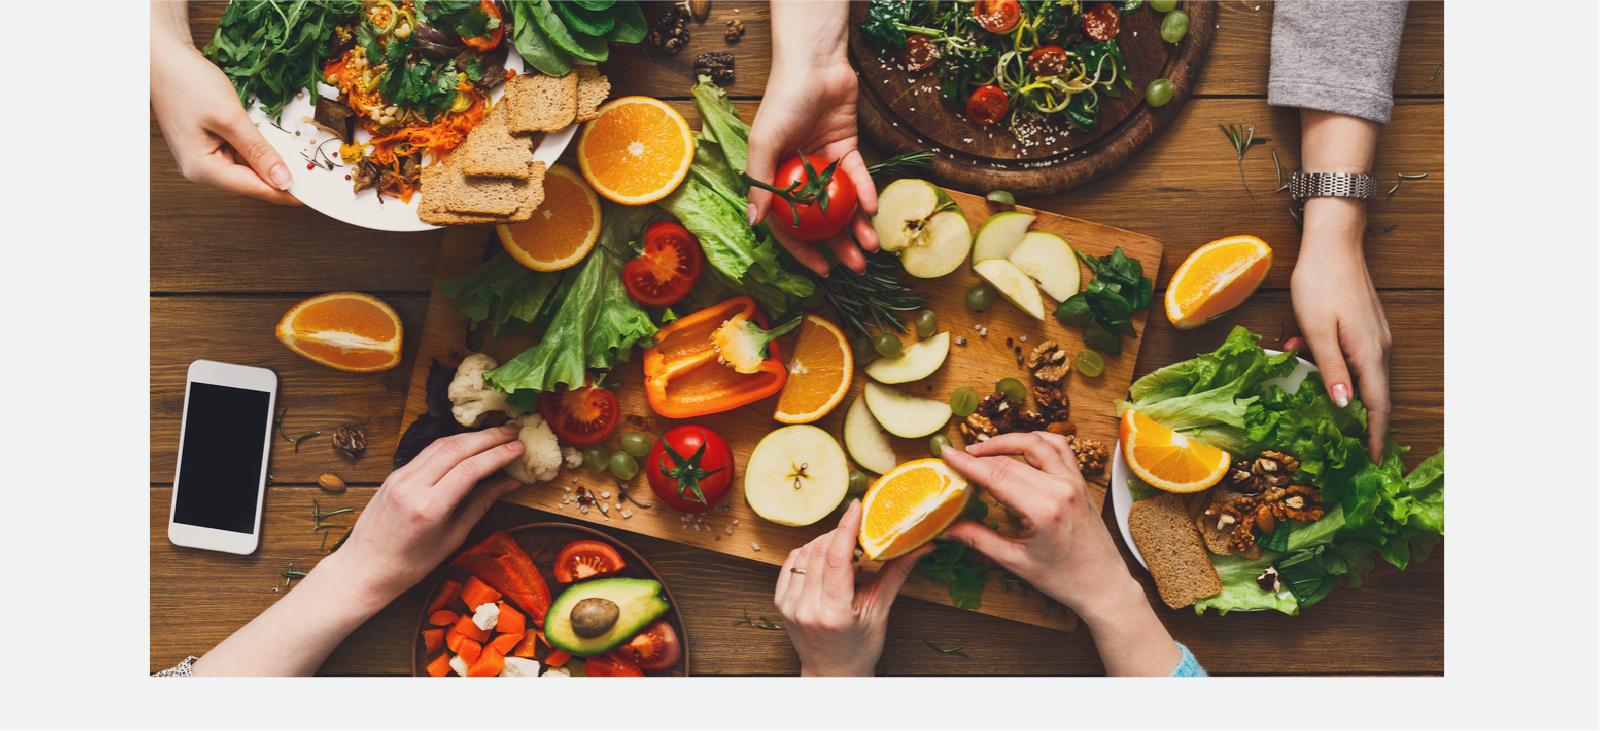 ngànhđảm bảochất lượng vàan toàn thực phẩm